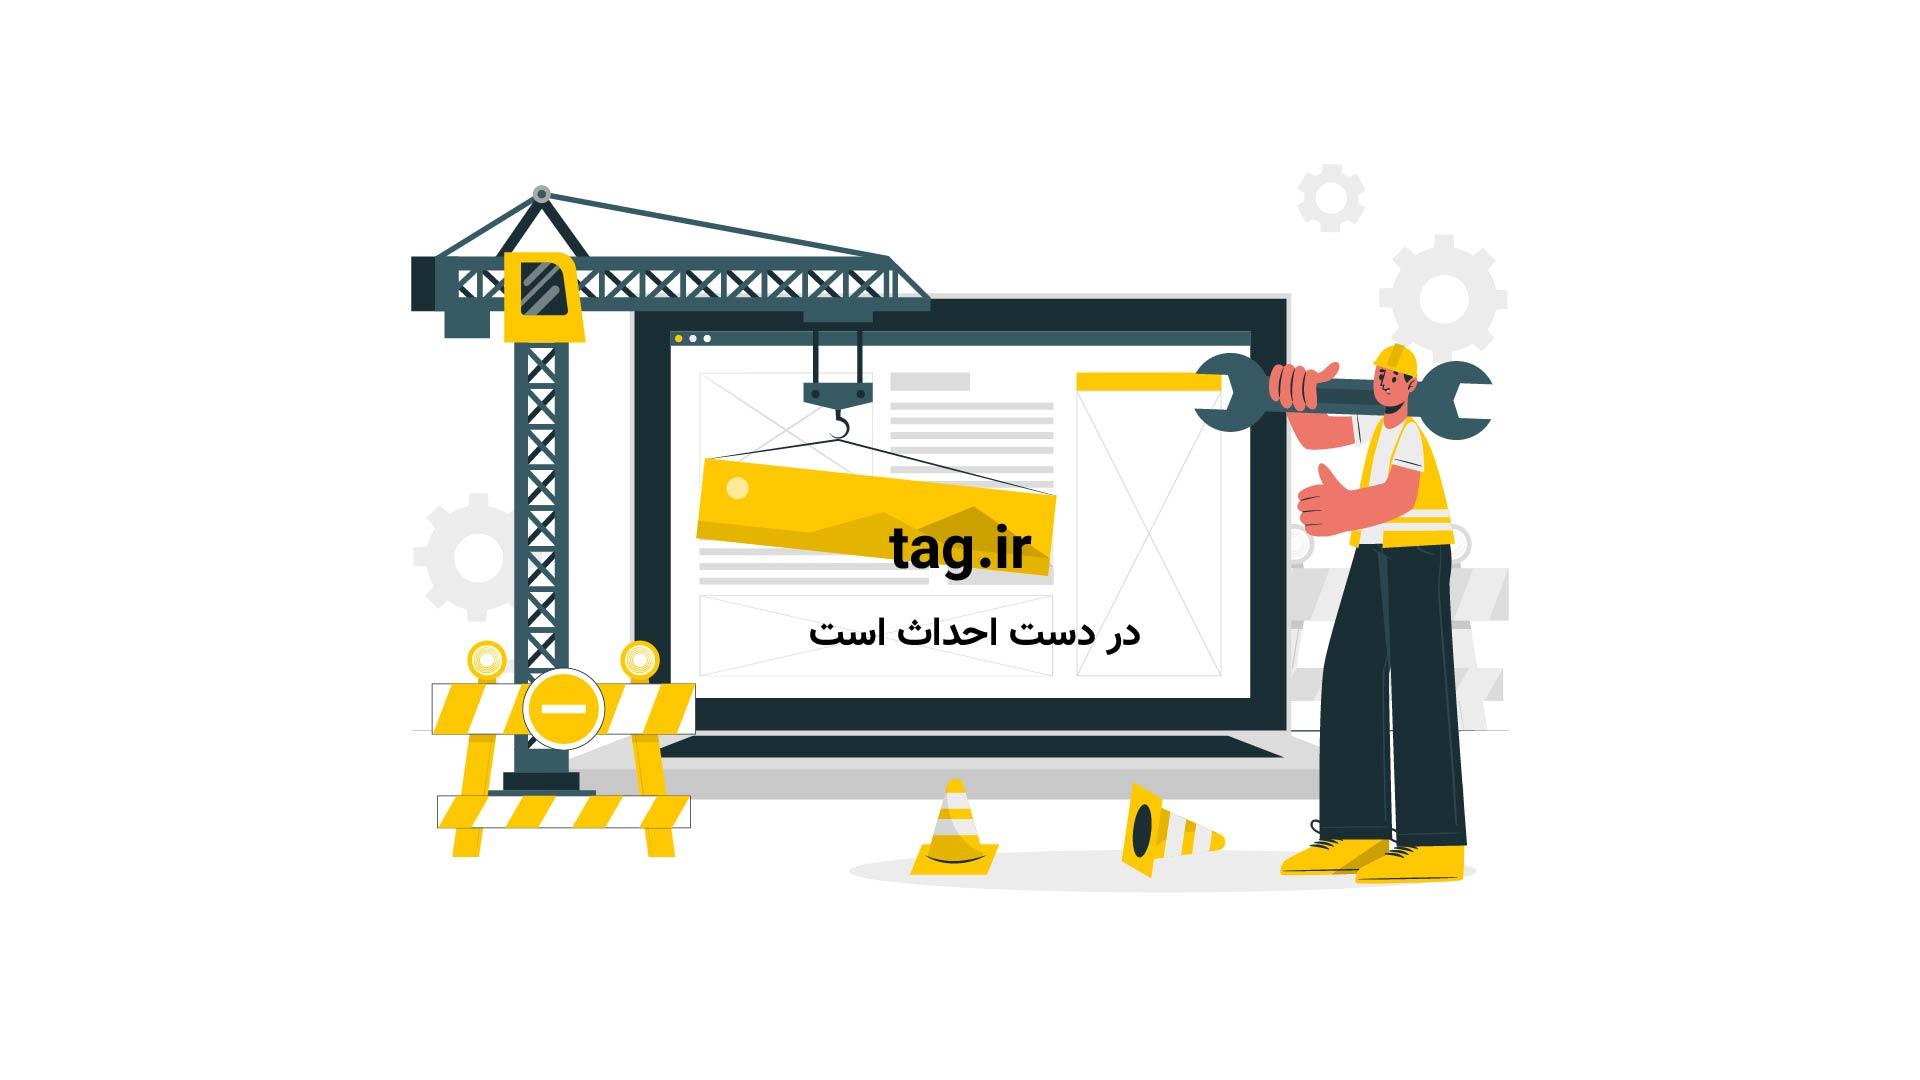 بانک آلمانی | تگ